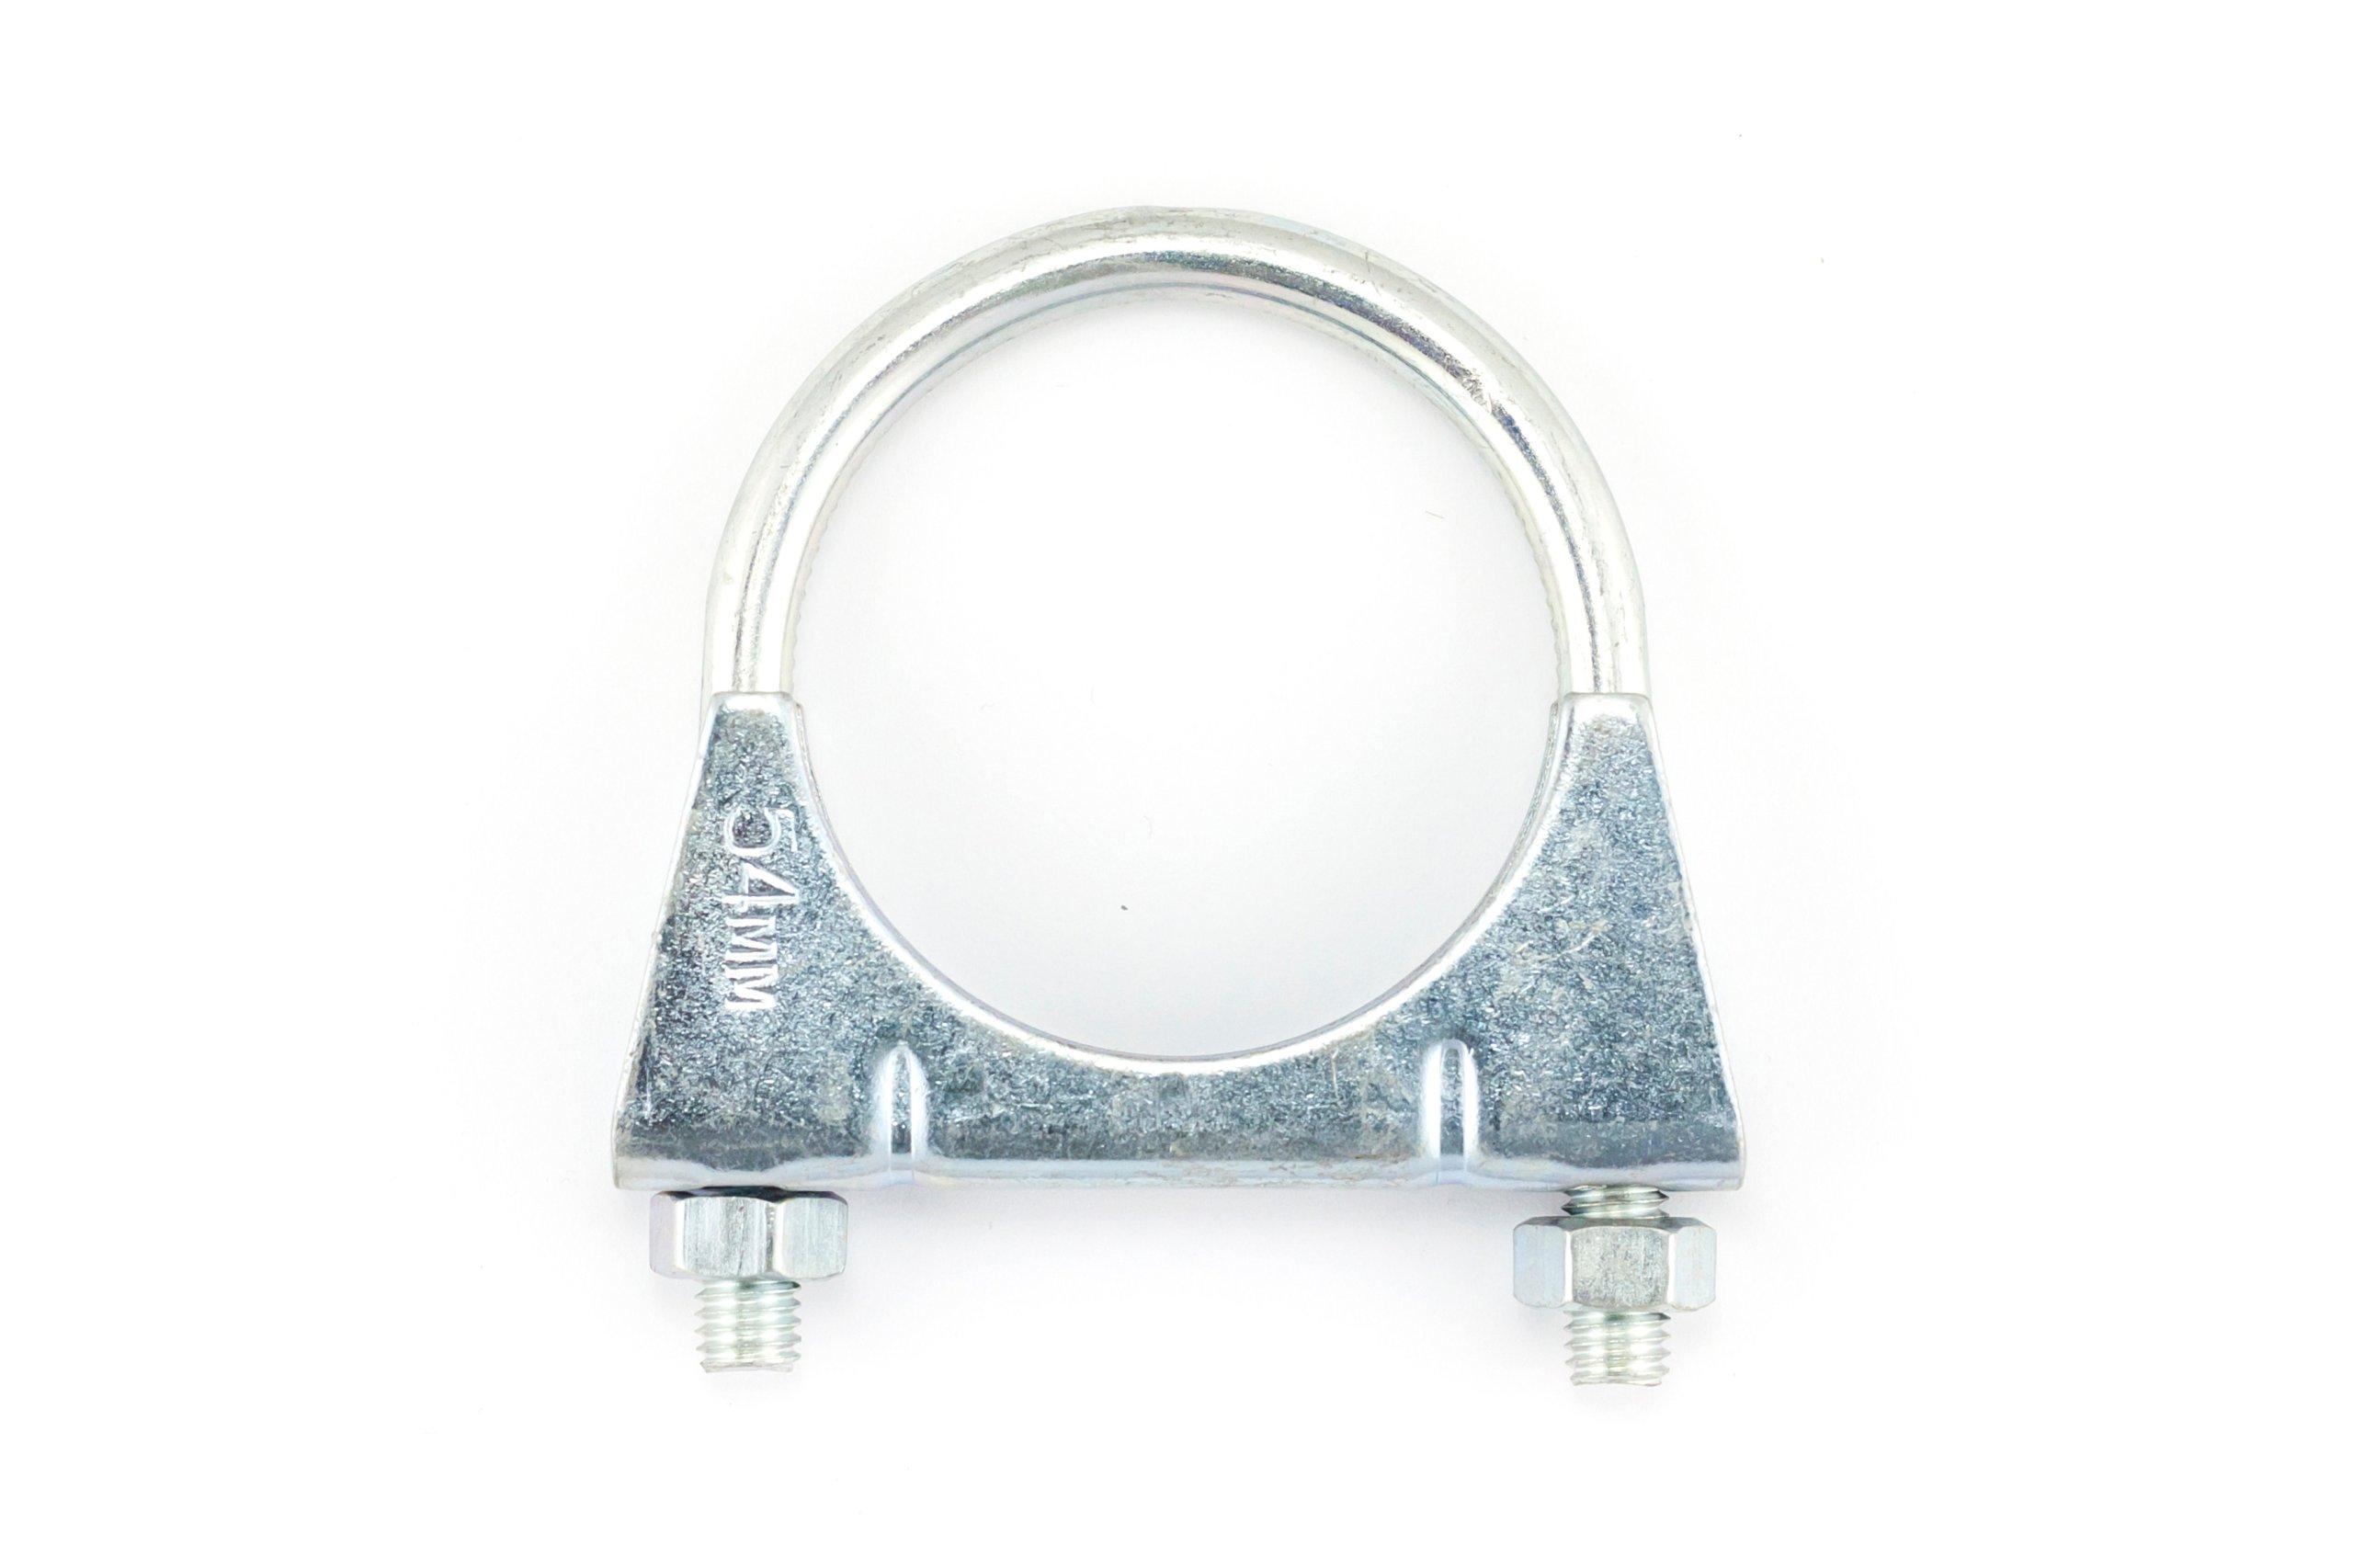 зажим повязка глушителя выдохе m8x54 мм fi 54 мм